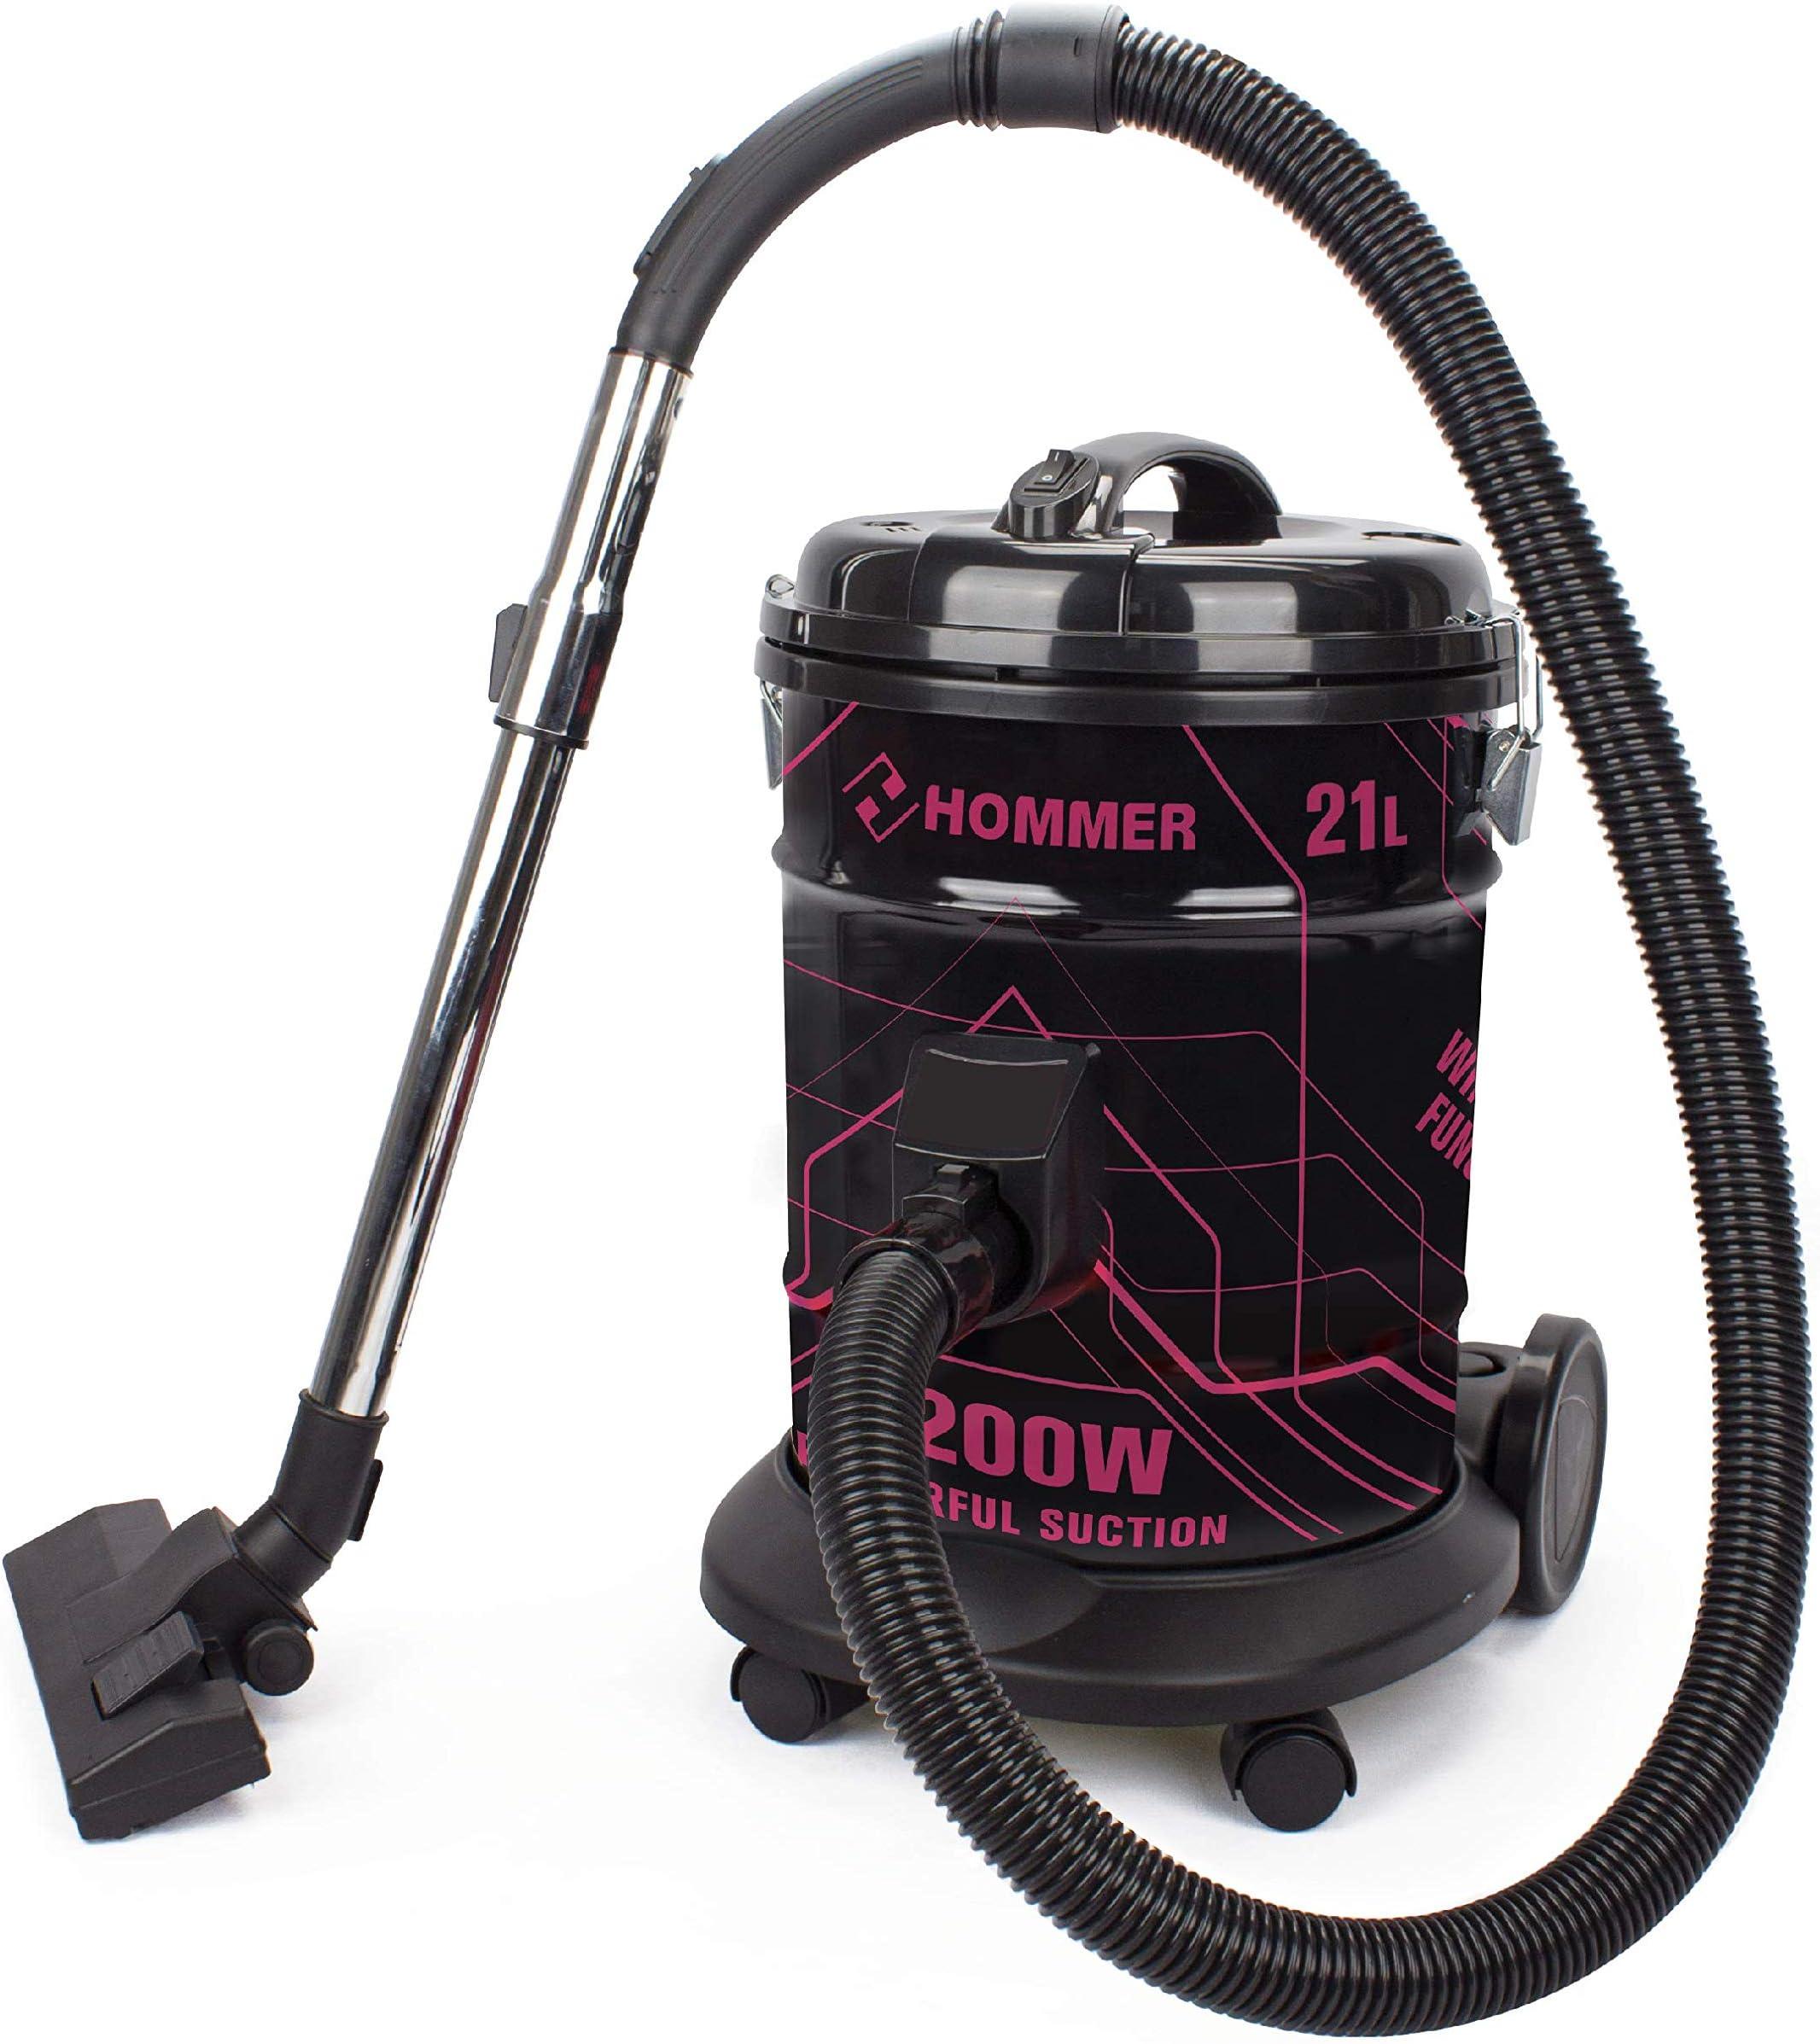 هومر مكنسة كهربائية 21 لتر، 2200 واط، خاصية دفع الهواء - HSA211-06